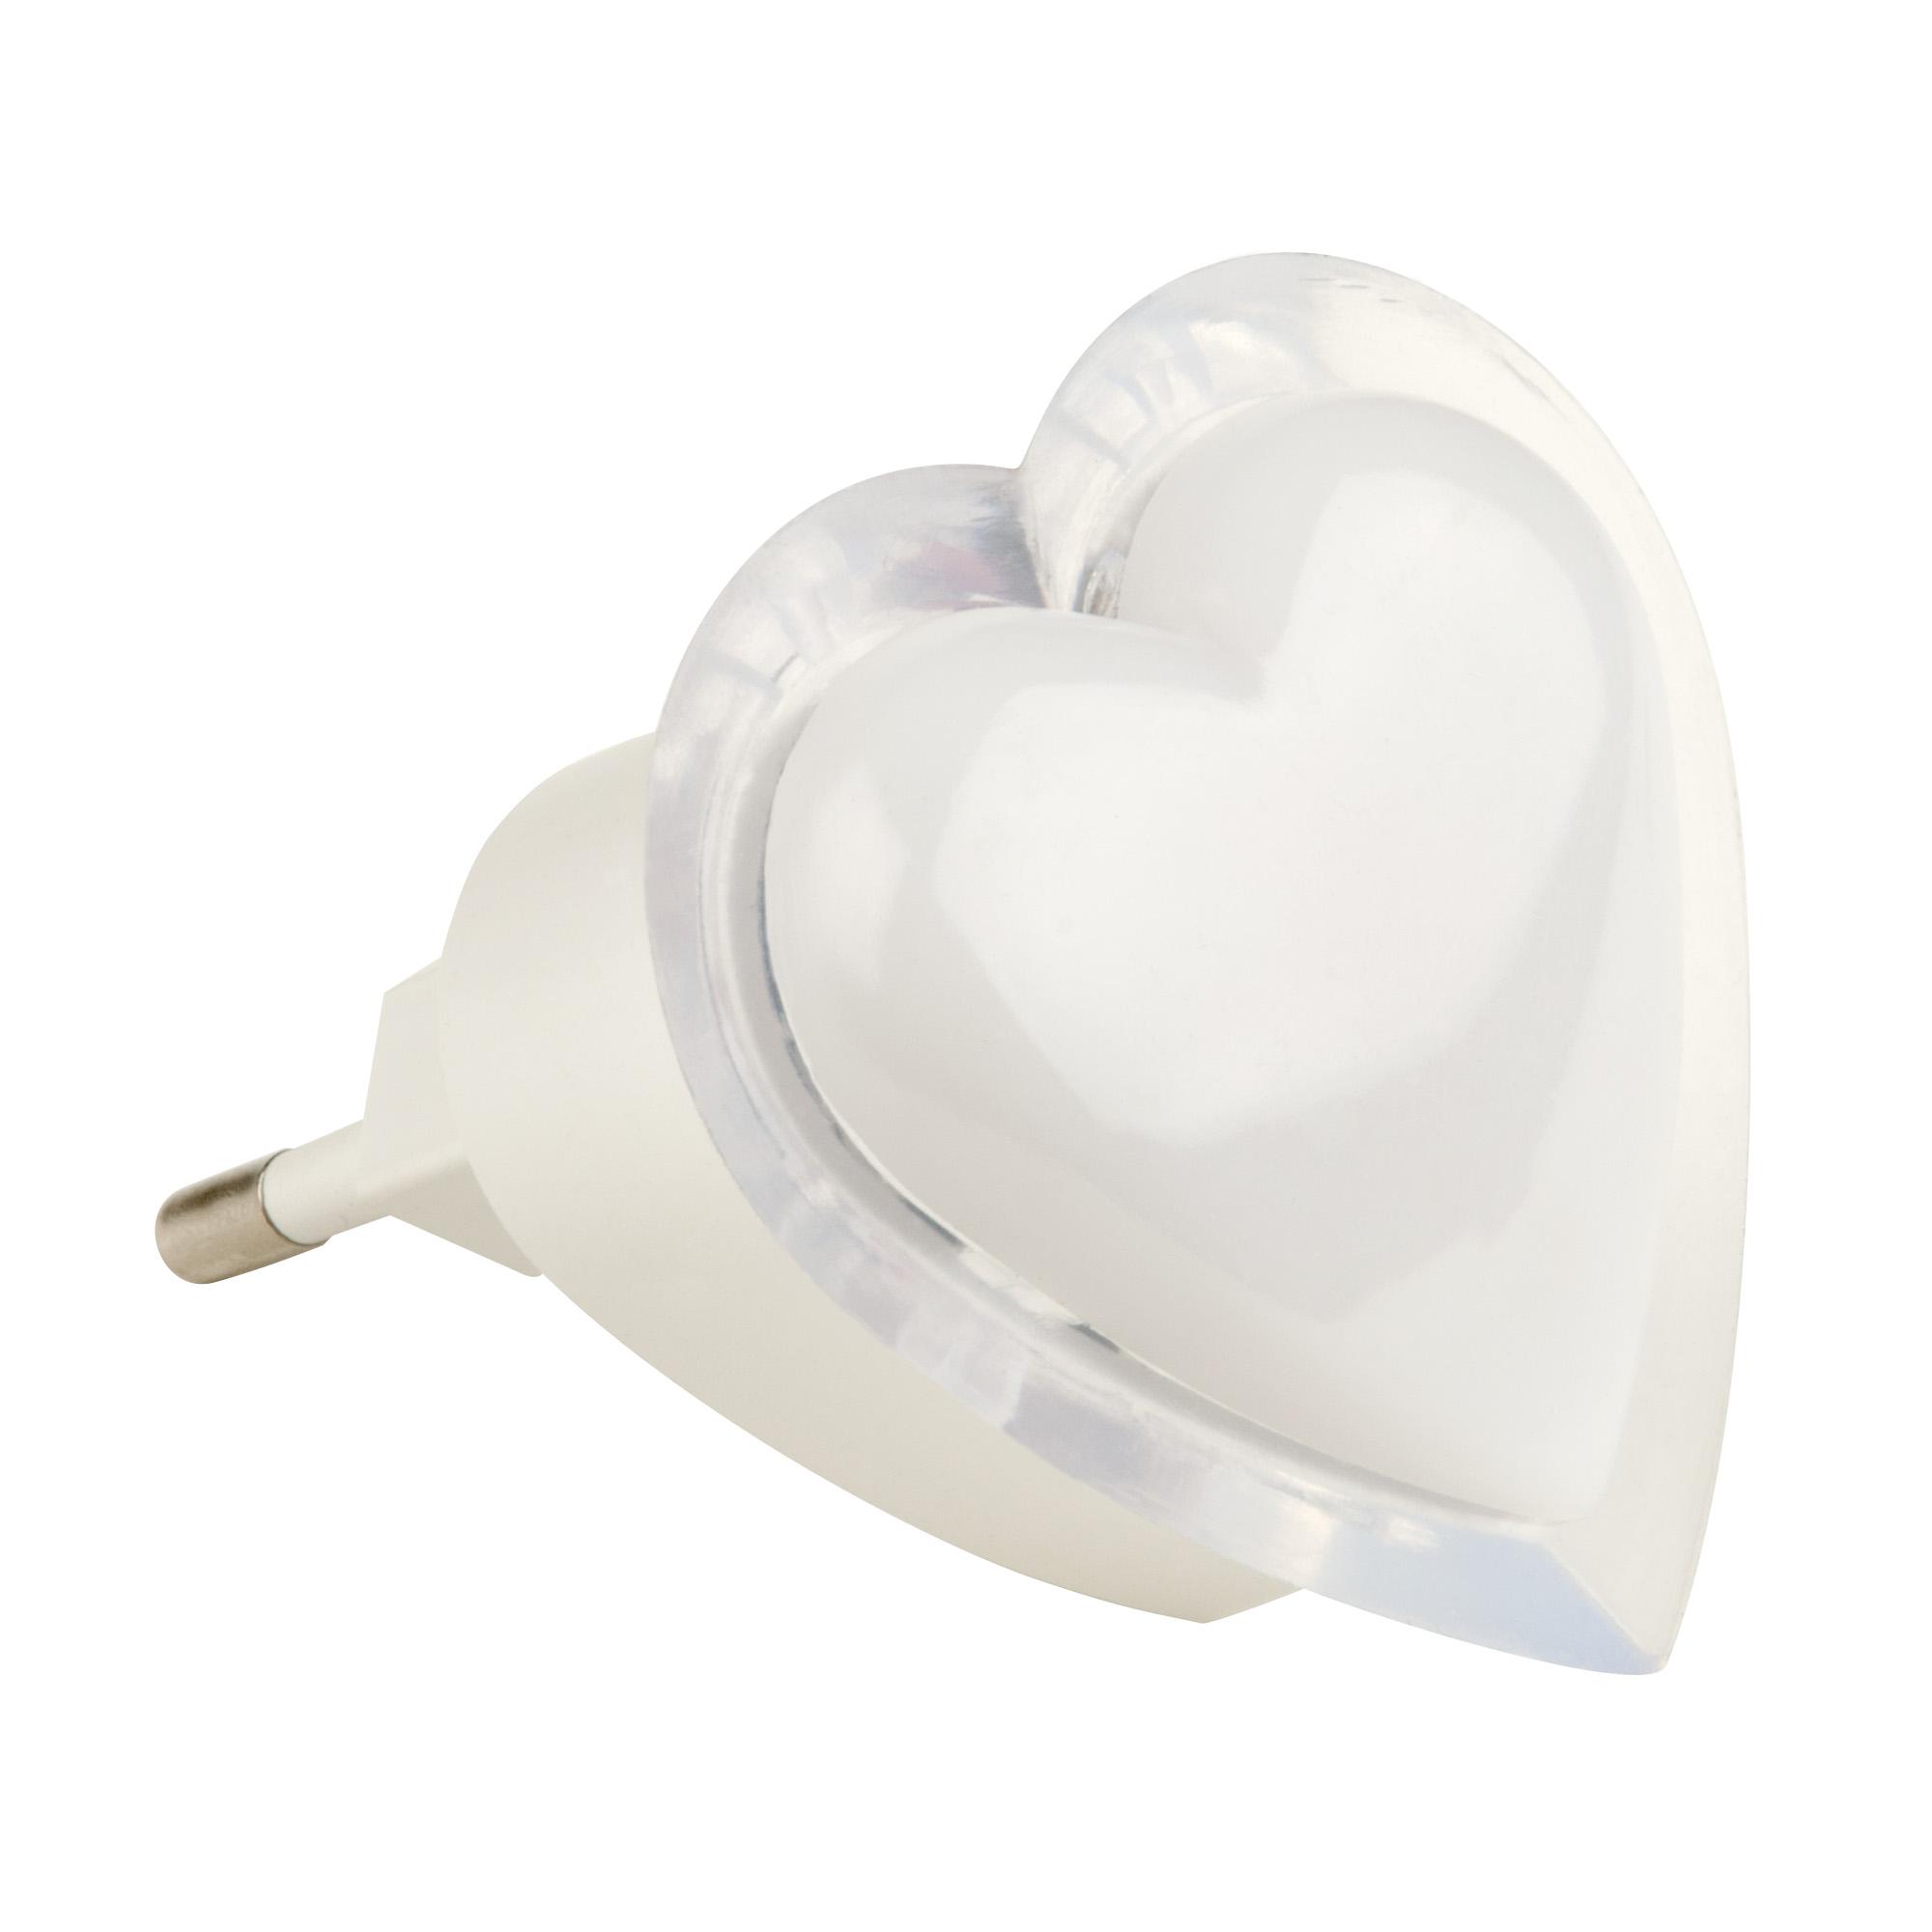 Ночник светодиодный rgb Uniel dtl-308 сердечко